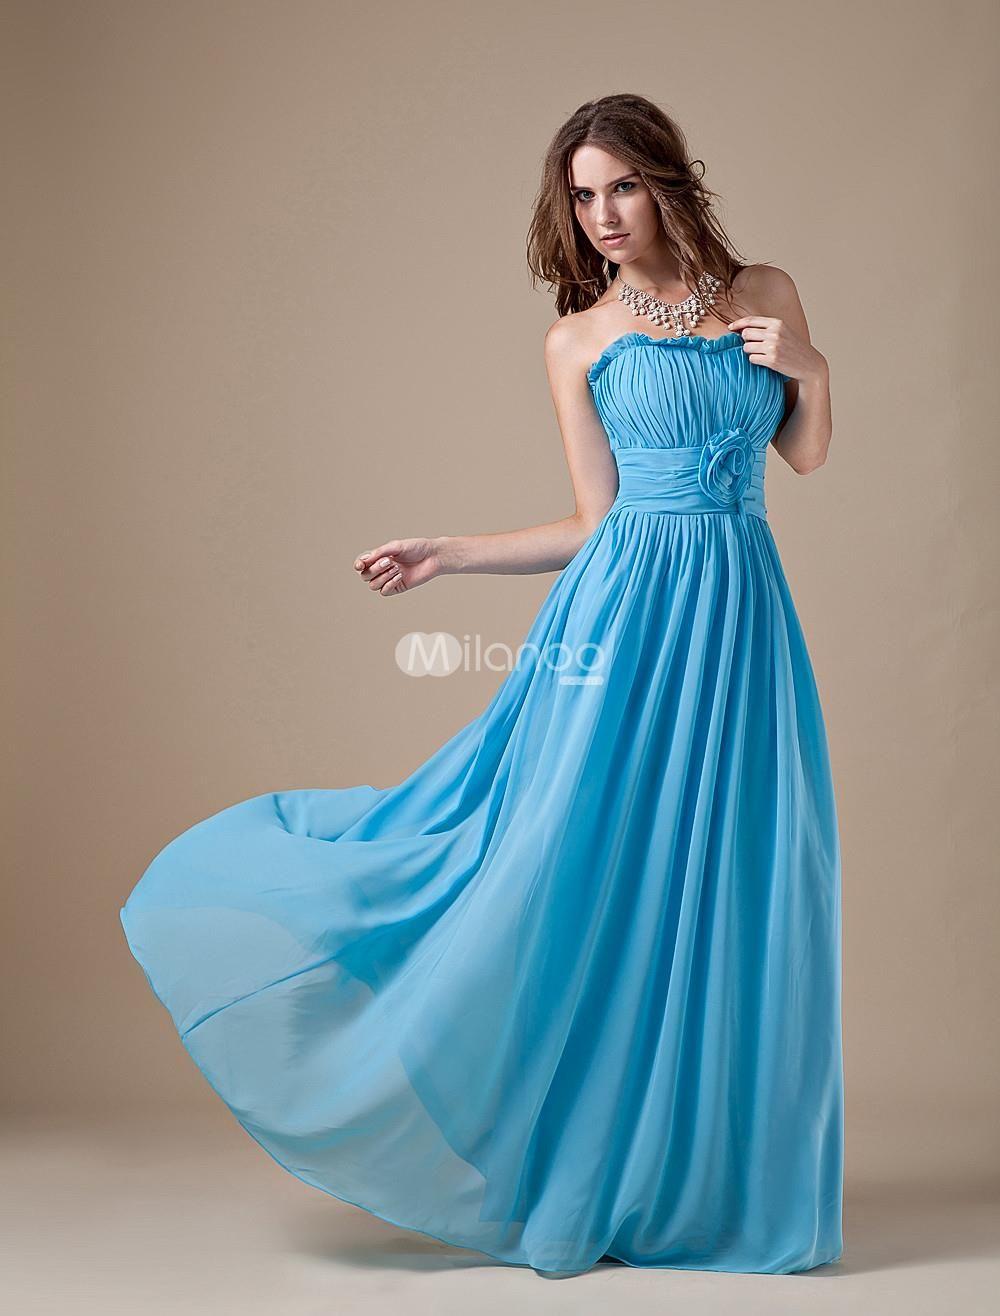 Sweet Caesious Chiffon A-line Strapless Bridesmaid Dress. Maxi ...